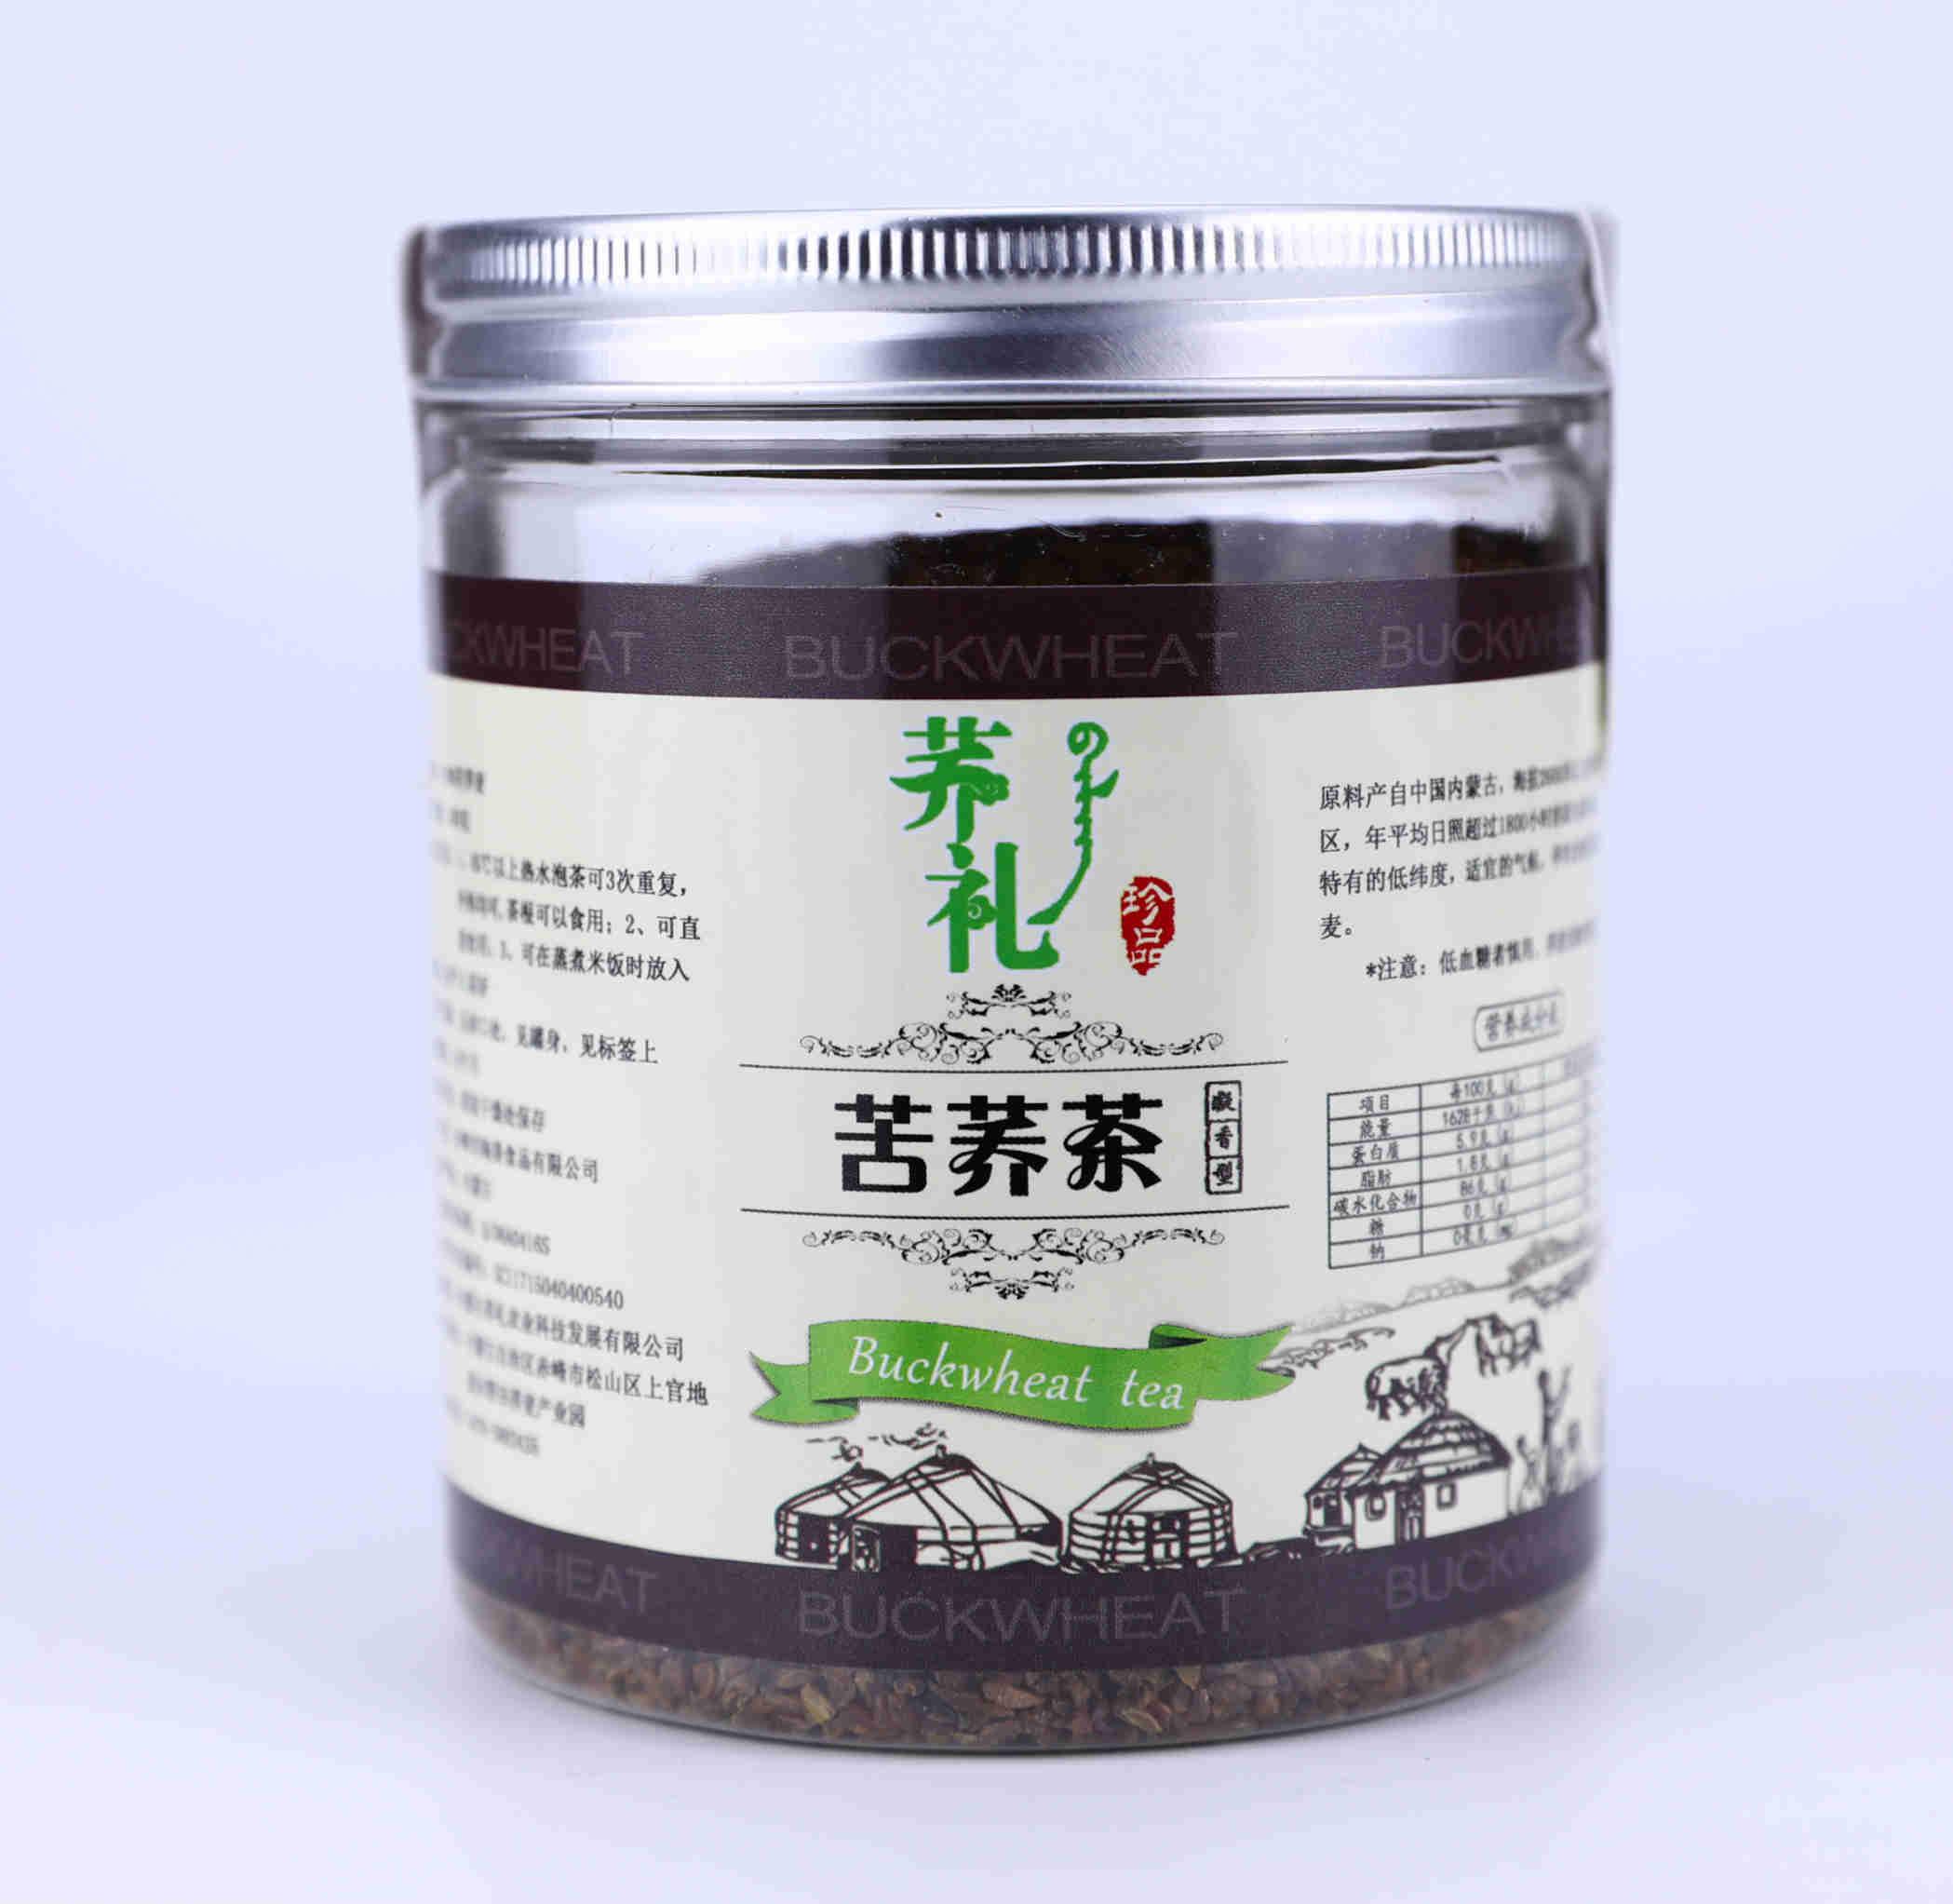 采購高性價蕎禮苦蕎茶就找蕎麥文化協會 物超所值的苦蕎茶